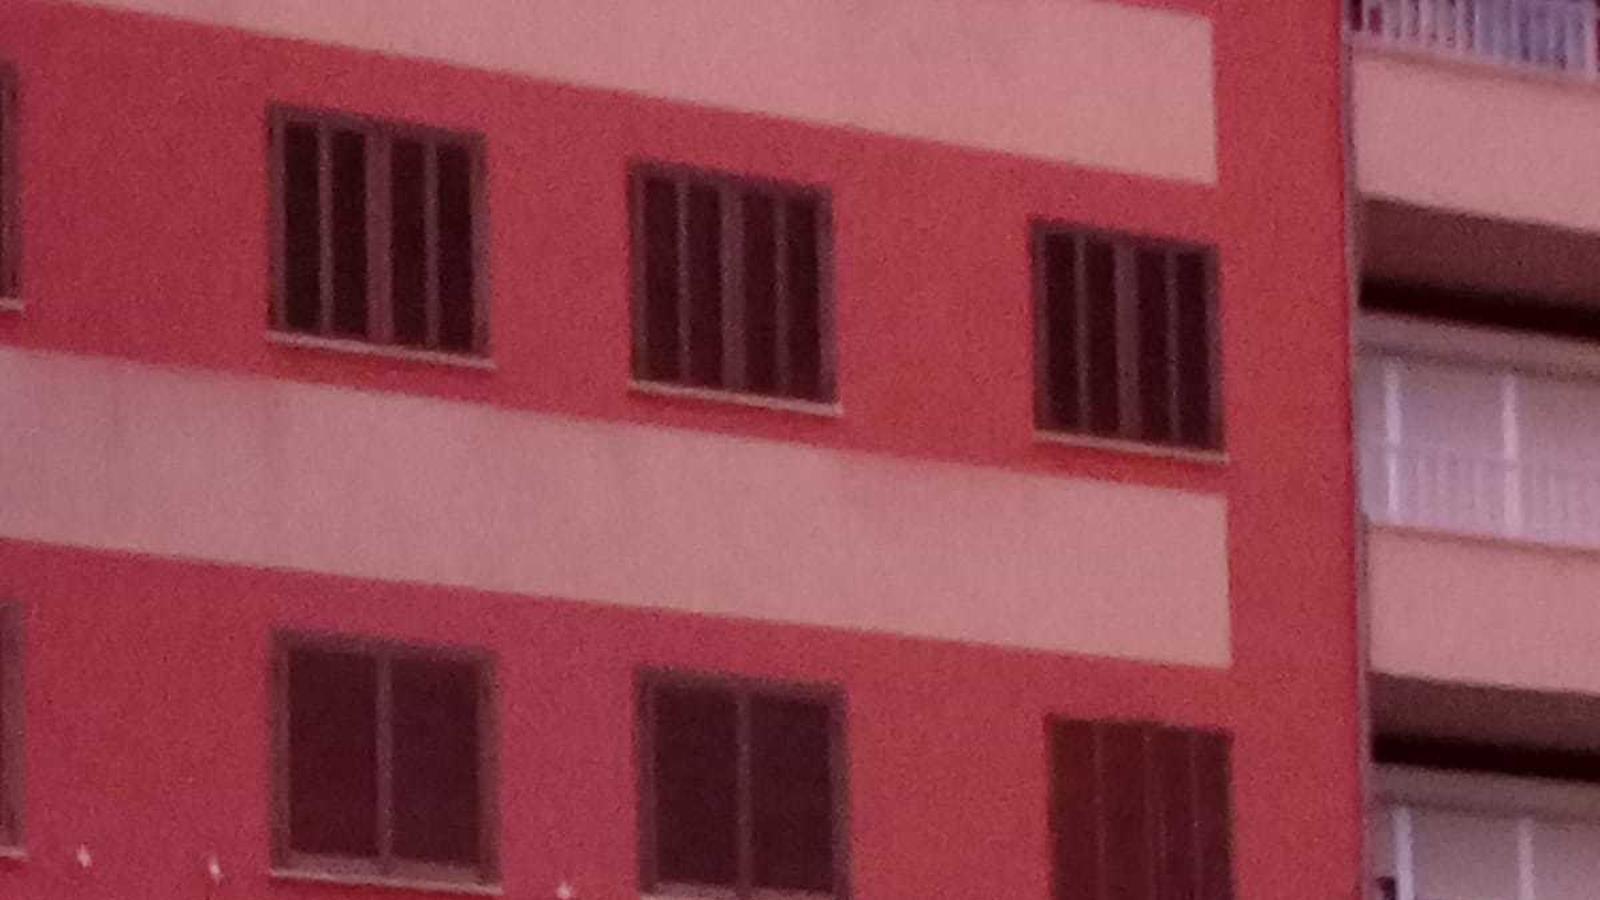 Façana de l'edifici del carrer Manacor que la parella va ocupar